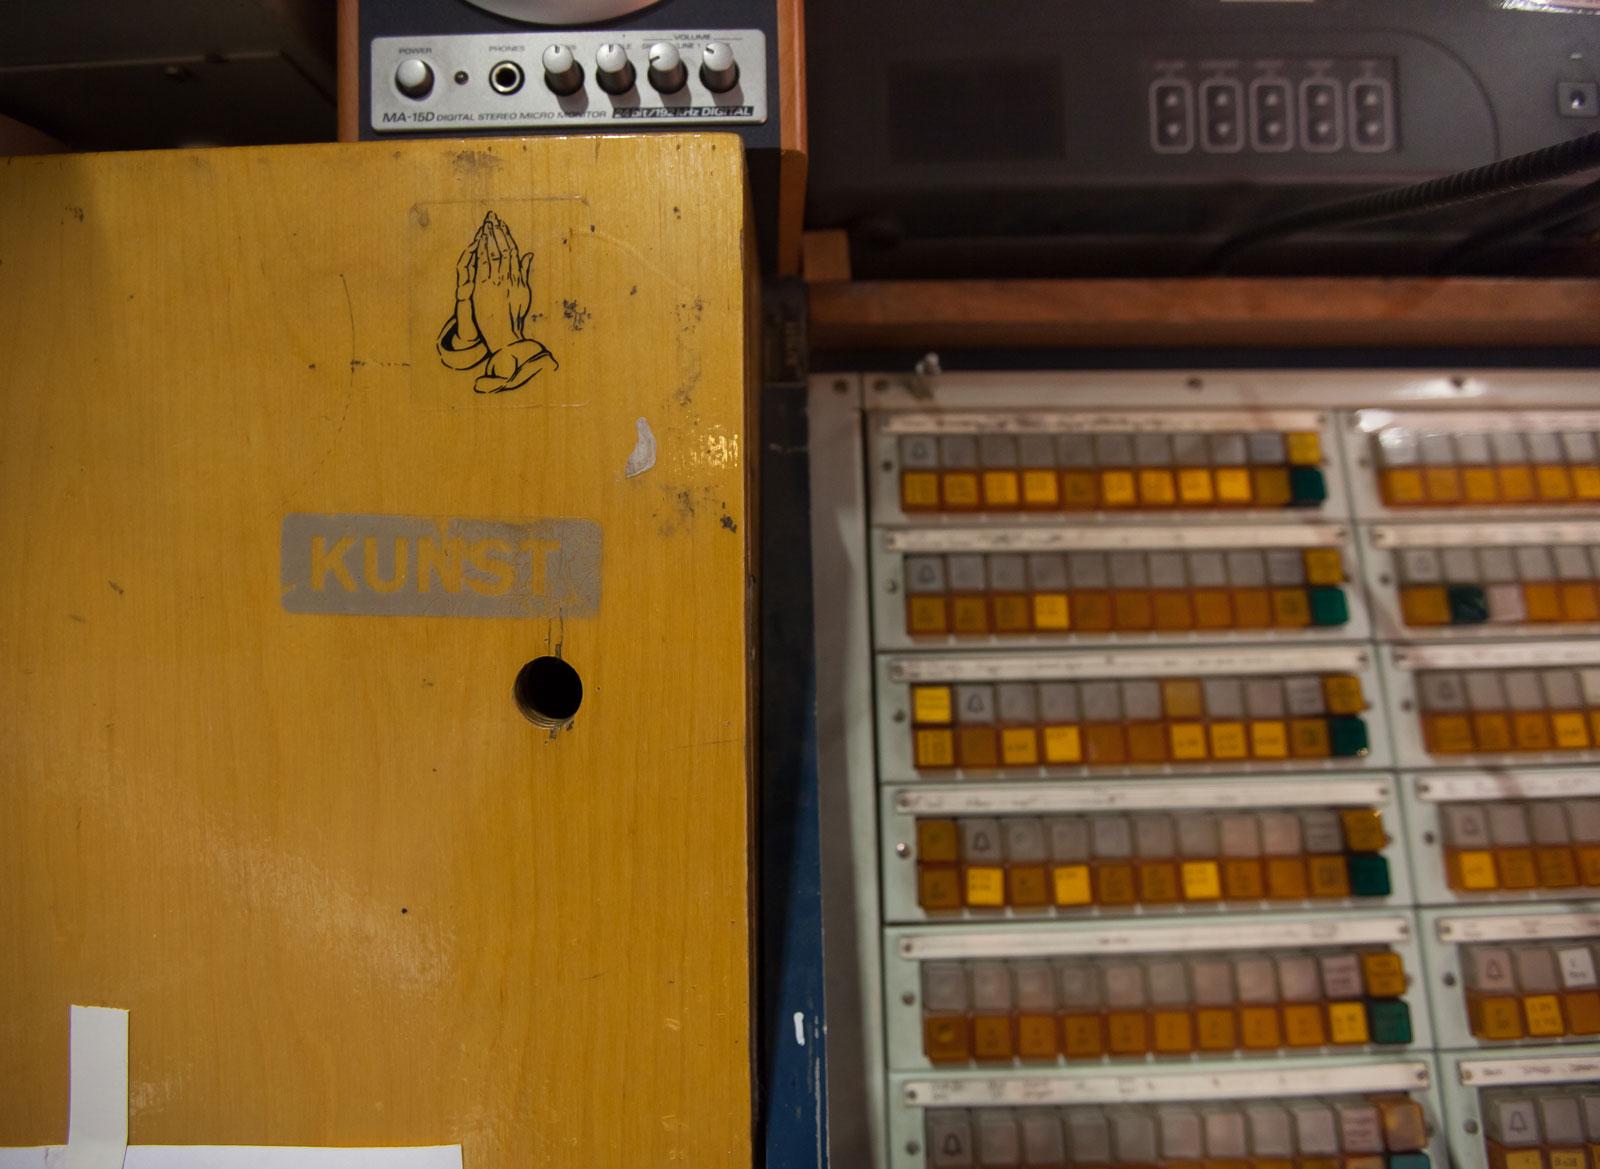 SPH2-8523